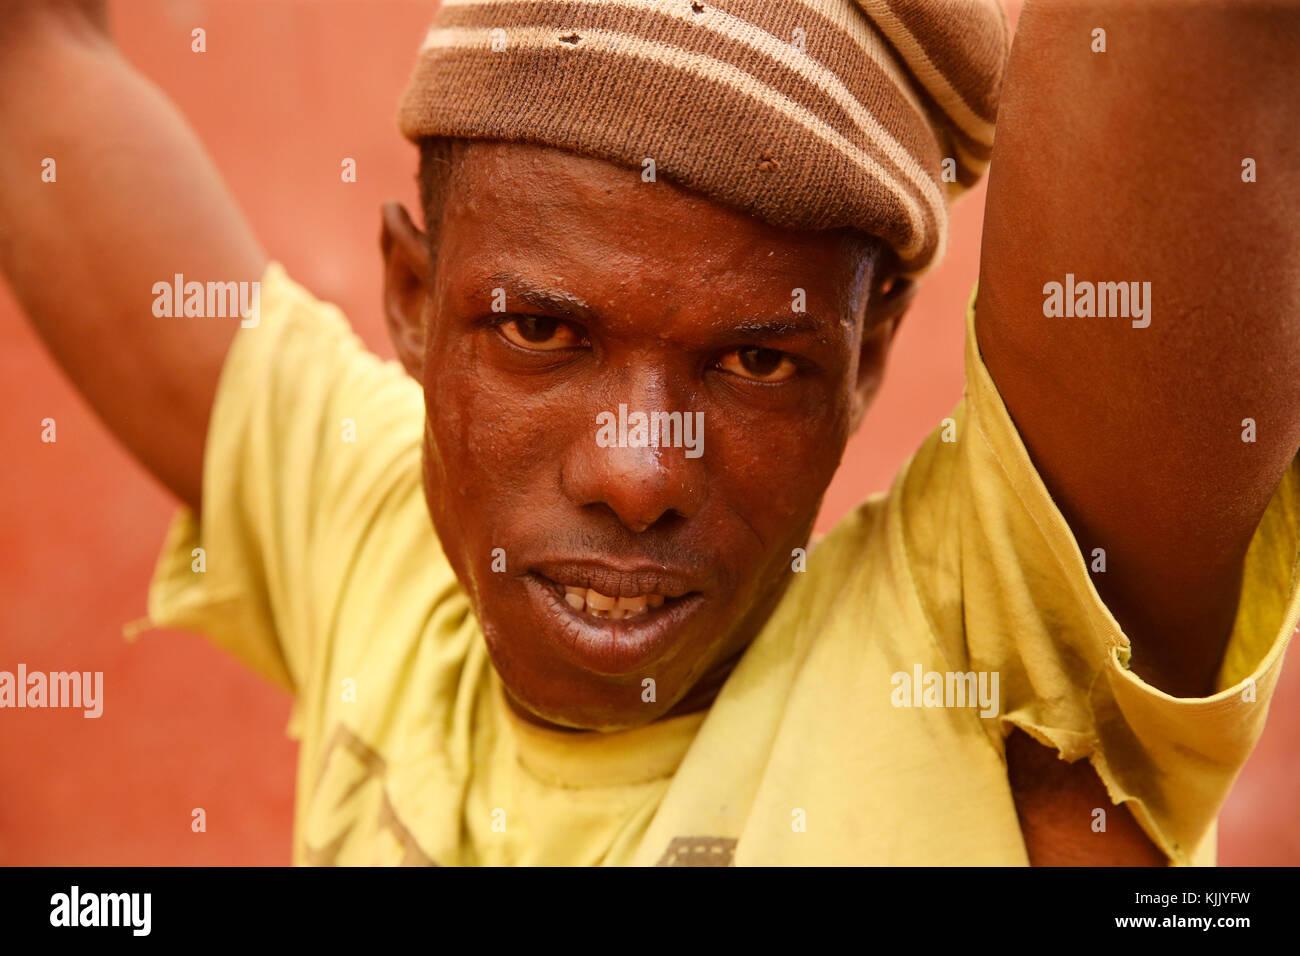 Worker. Senegal. - Stock Image